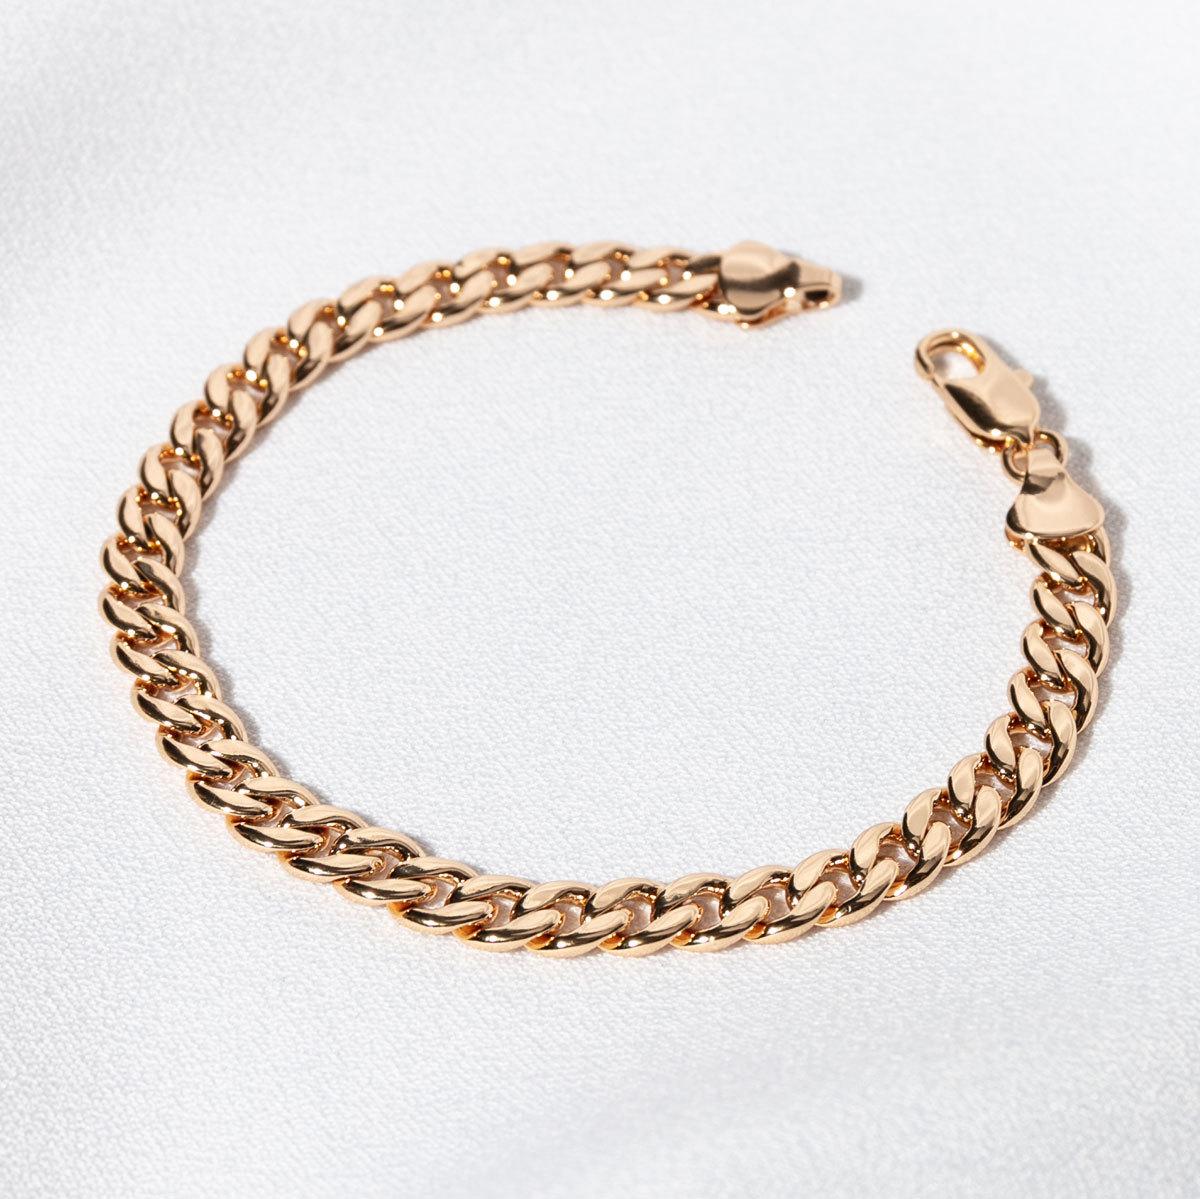 Браслет гладкого панцирного плетения 6мм (золотистый)